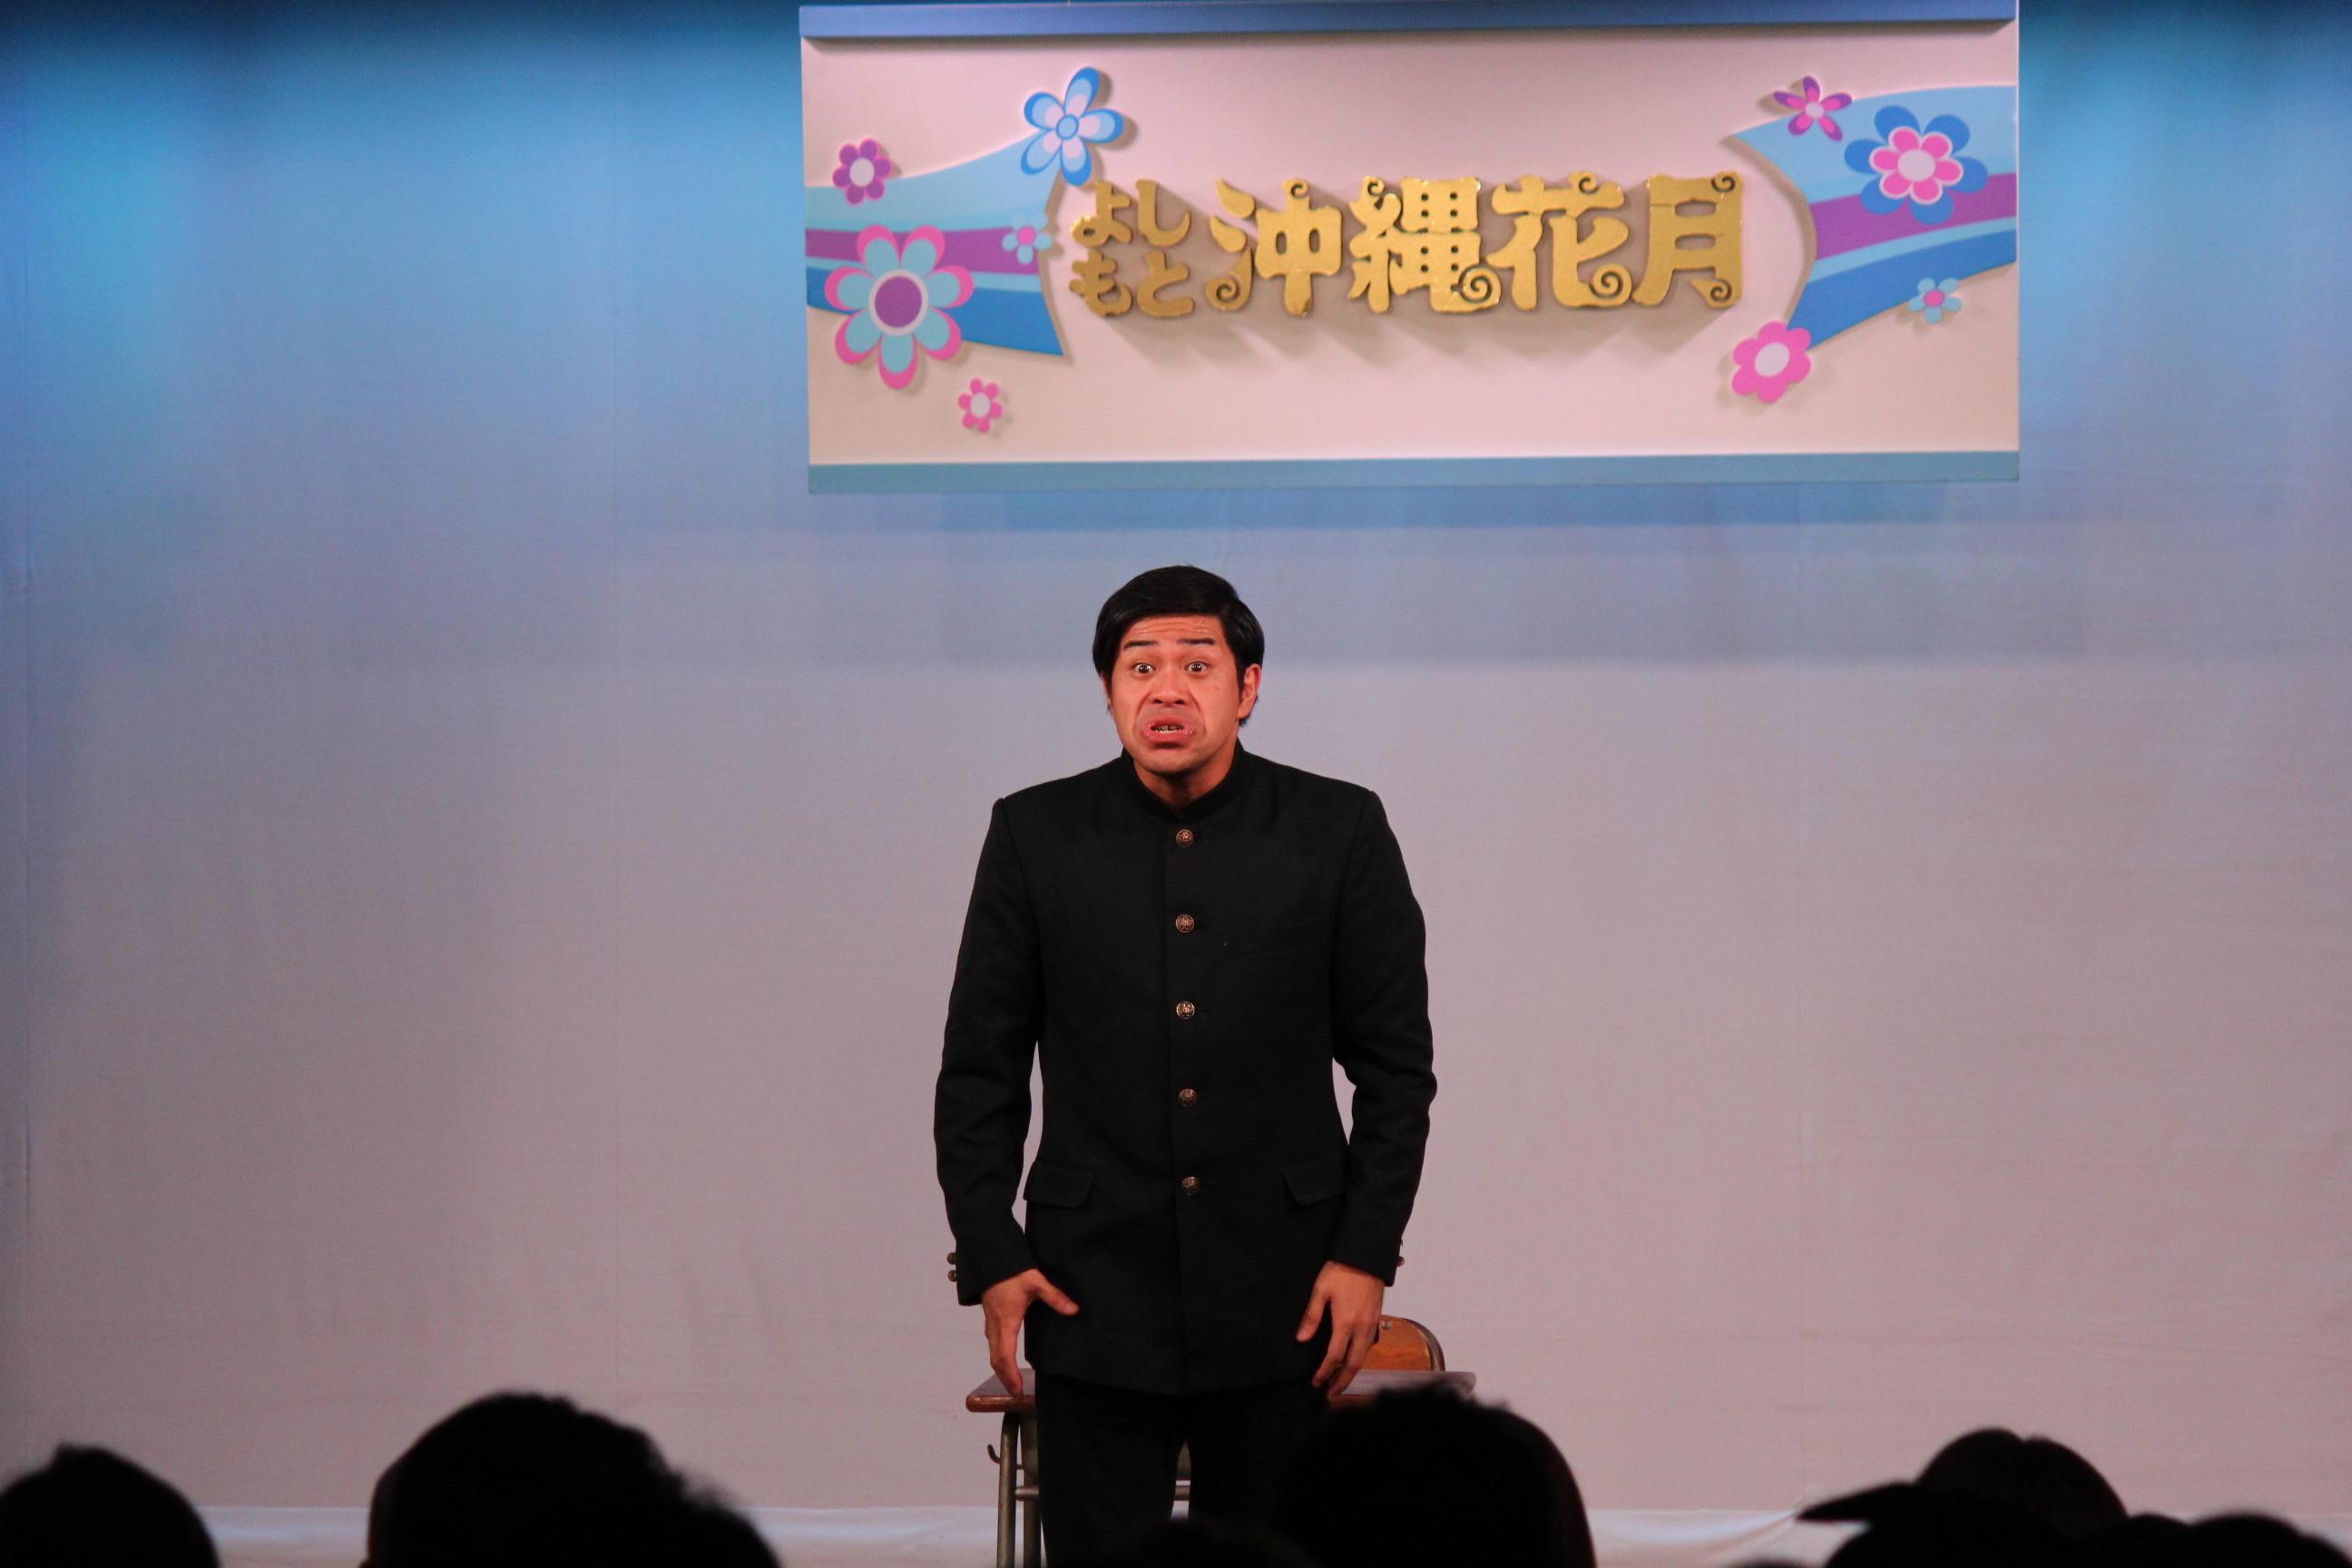 http://news.yoshimoto.co.jp/20151201134930-f6c08beccb9fccbf2890cf72a3dec3b4da7aab61.jpg